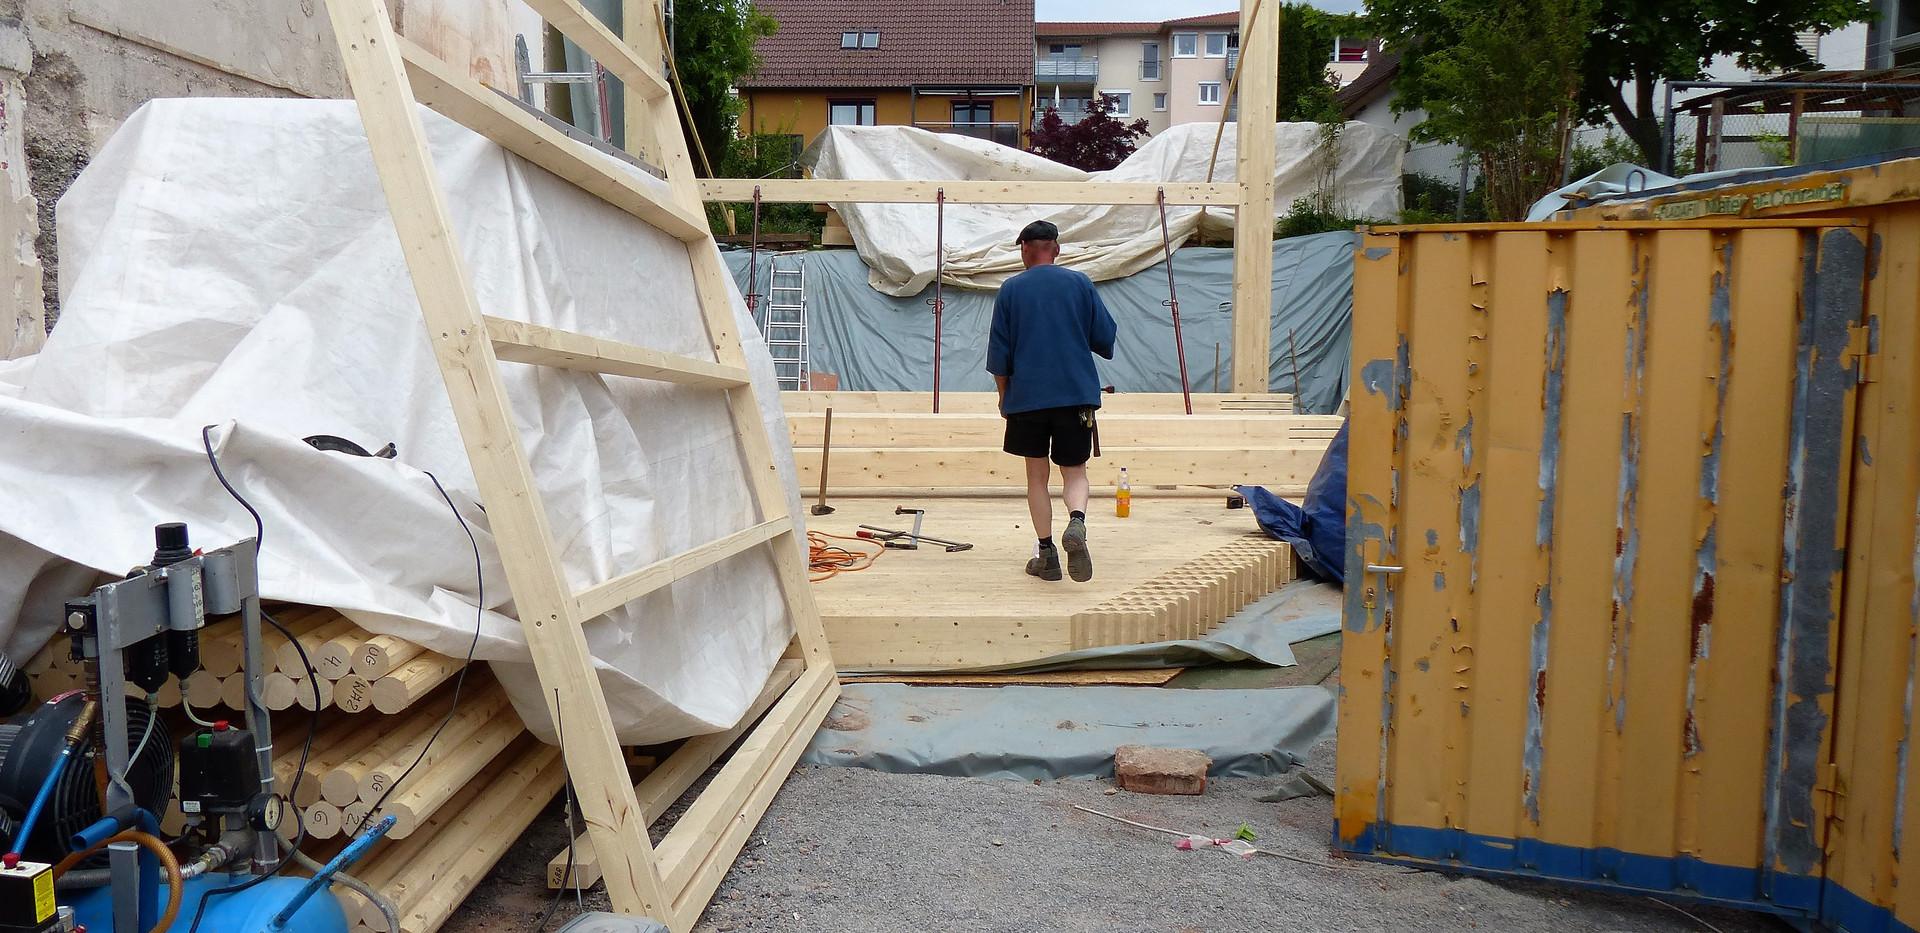 Bodenplatte und Kellerwände aus Holz